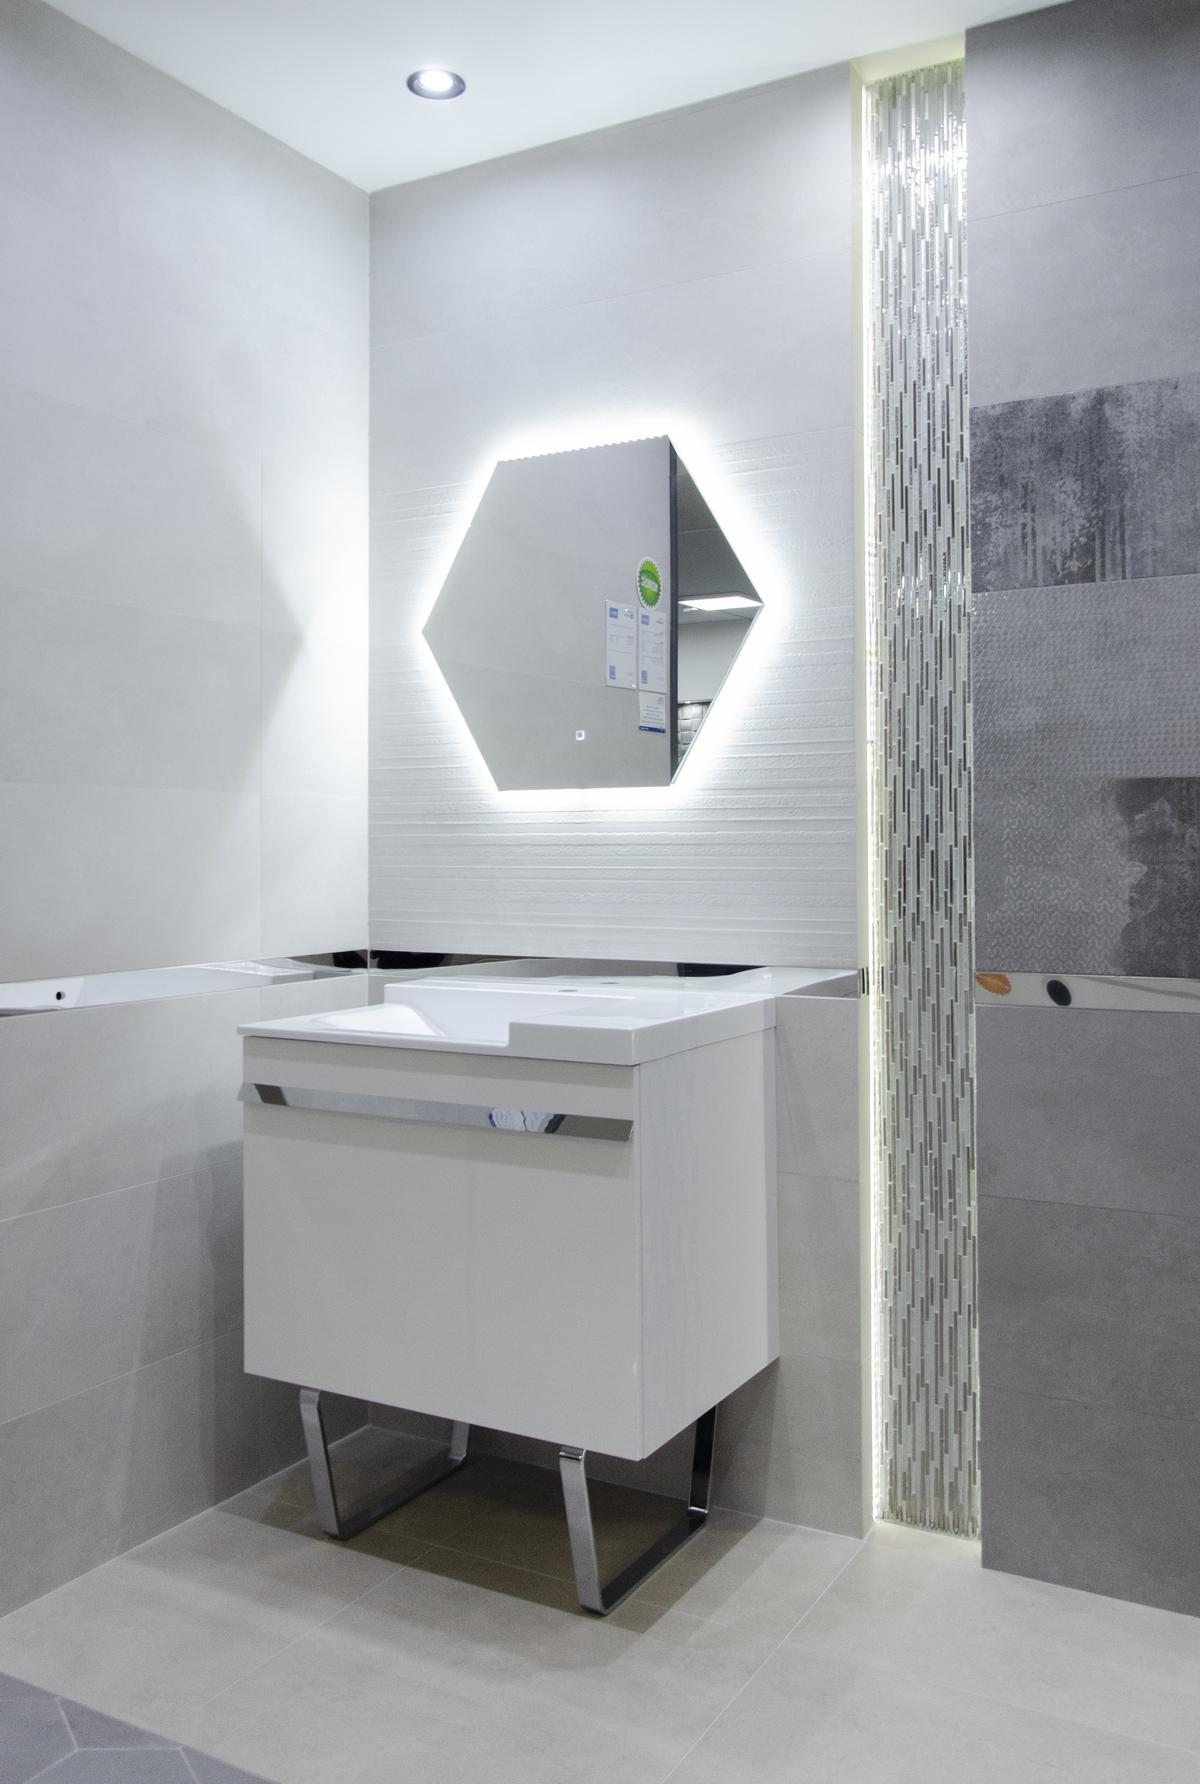 Aranżacja szarej łazienki ze srebrnymi elementami  - zdjęcie od BLU salon łazienek Grudziądz